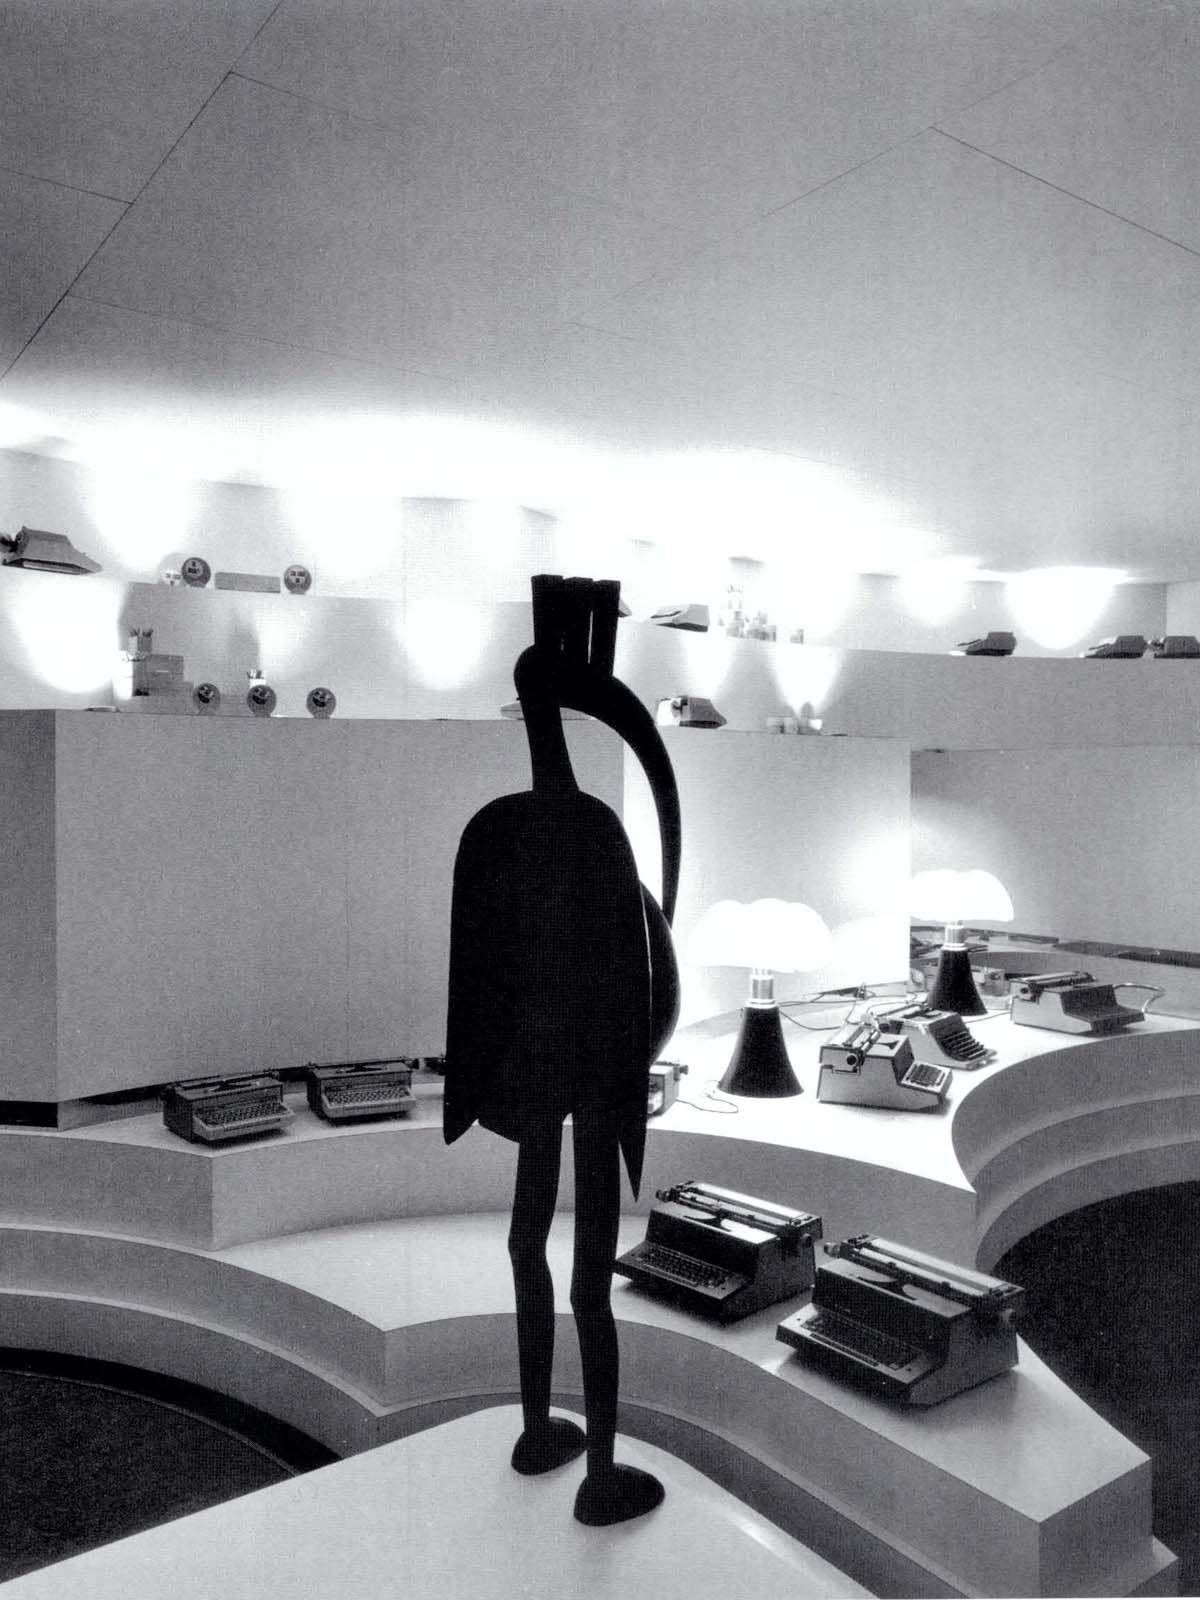 Olivetti shop in Paris designed by Gae Aulenti - 1967